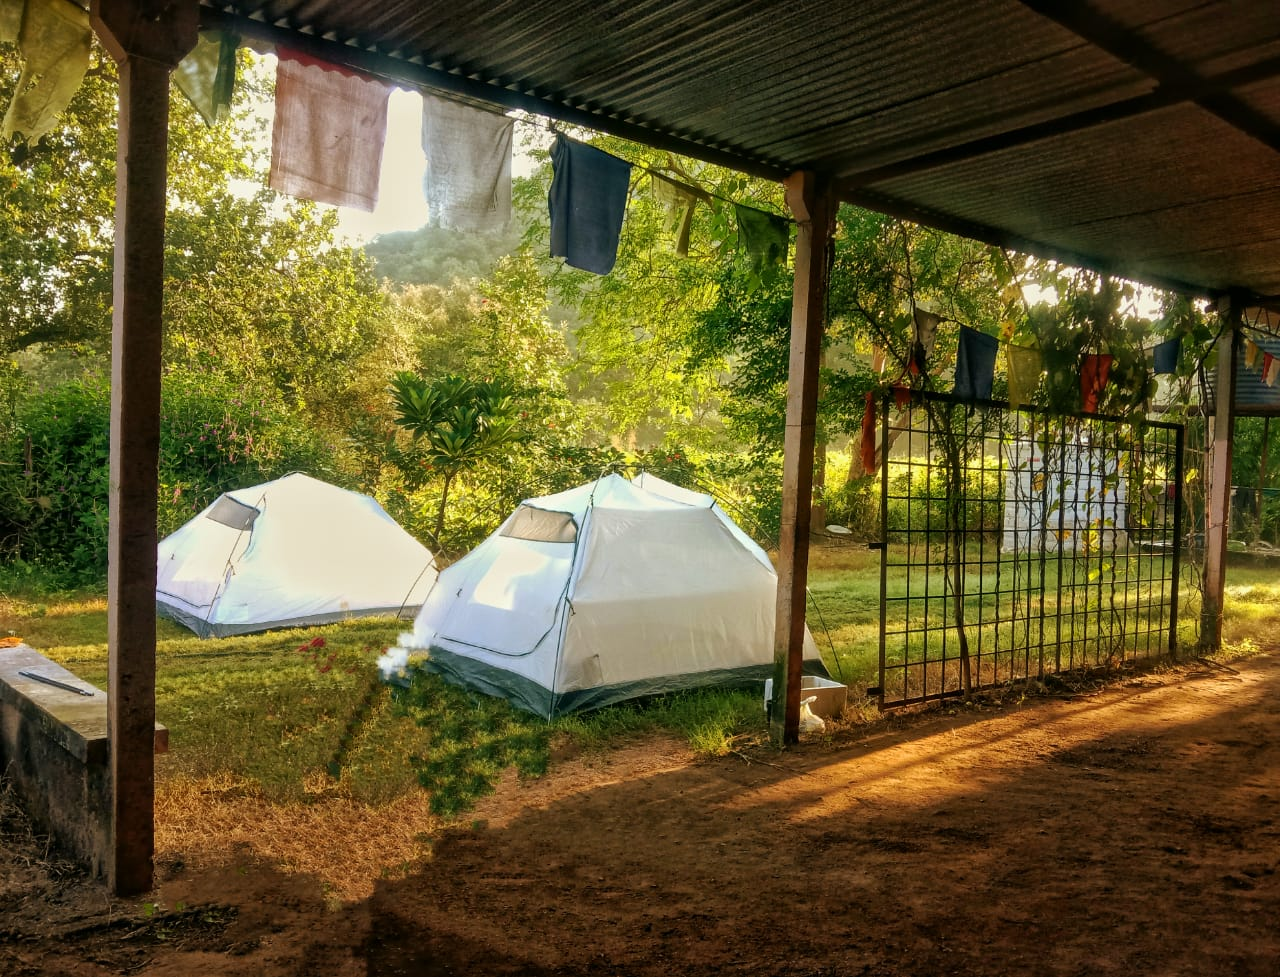 Tent in Mayur Rathod Campsite